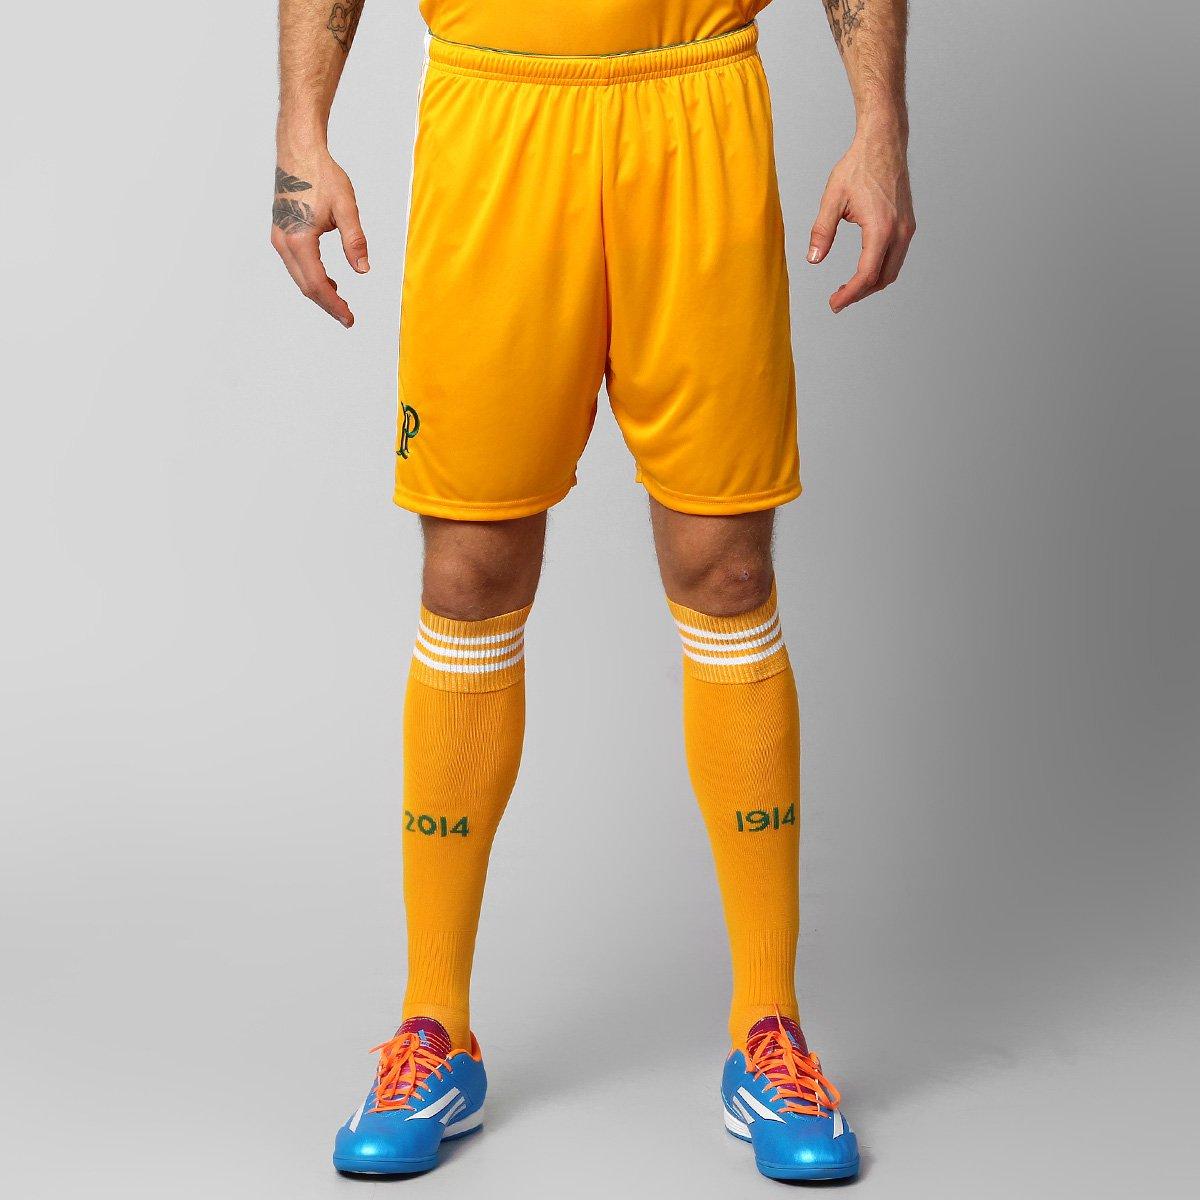 Calção Adidas Palmeiras Goleiro 1914-2014 - Compre Agora  4dc1d5a2b8f68